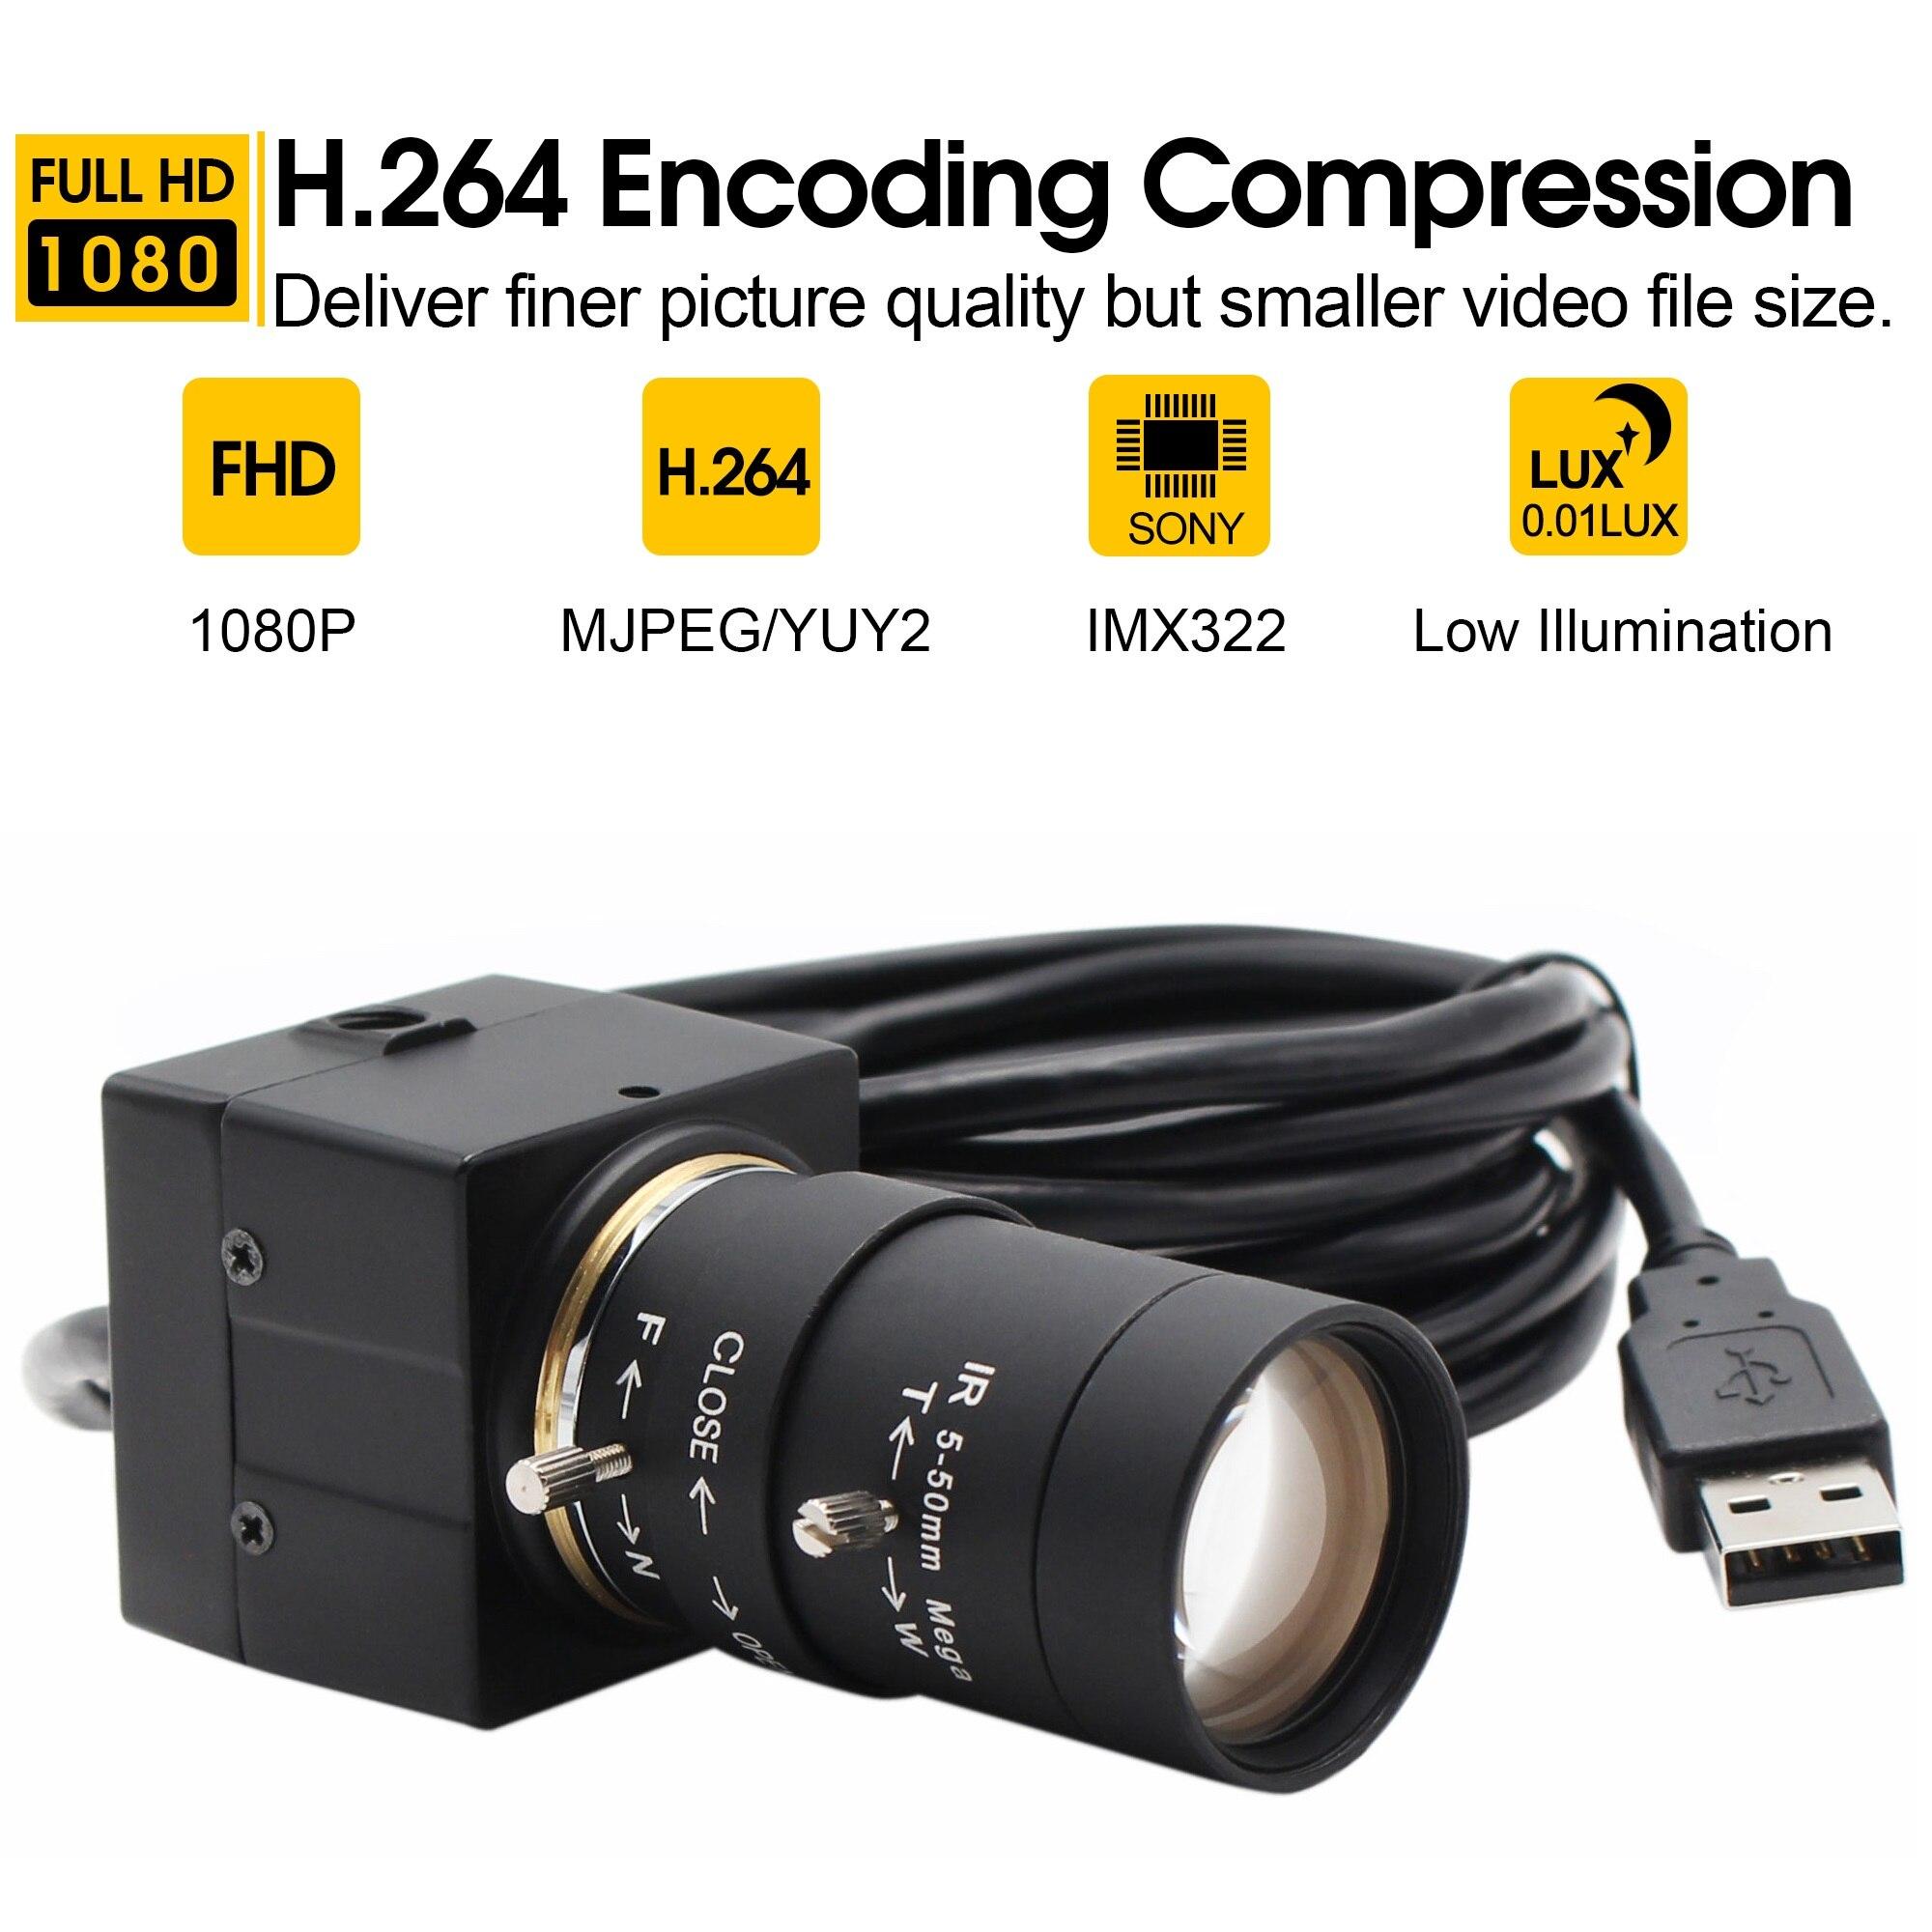 2MP 1080P caméra de Surveillance Sony IMX322 capteur H.264 faible éclairage 0.01Lux industrielle Vision industrielle Mini caméra vidéo usb-in Caméras de surveillance from Sécurité et Protection on AliExpress - 11.11_Double 11_Singles' Day 1